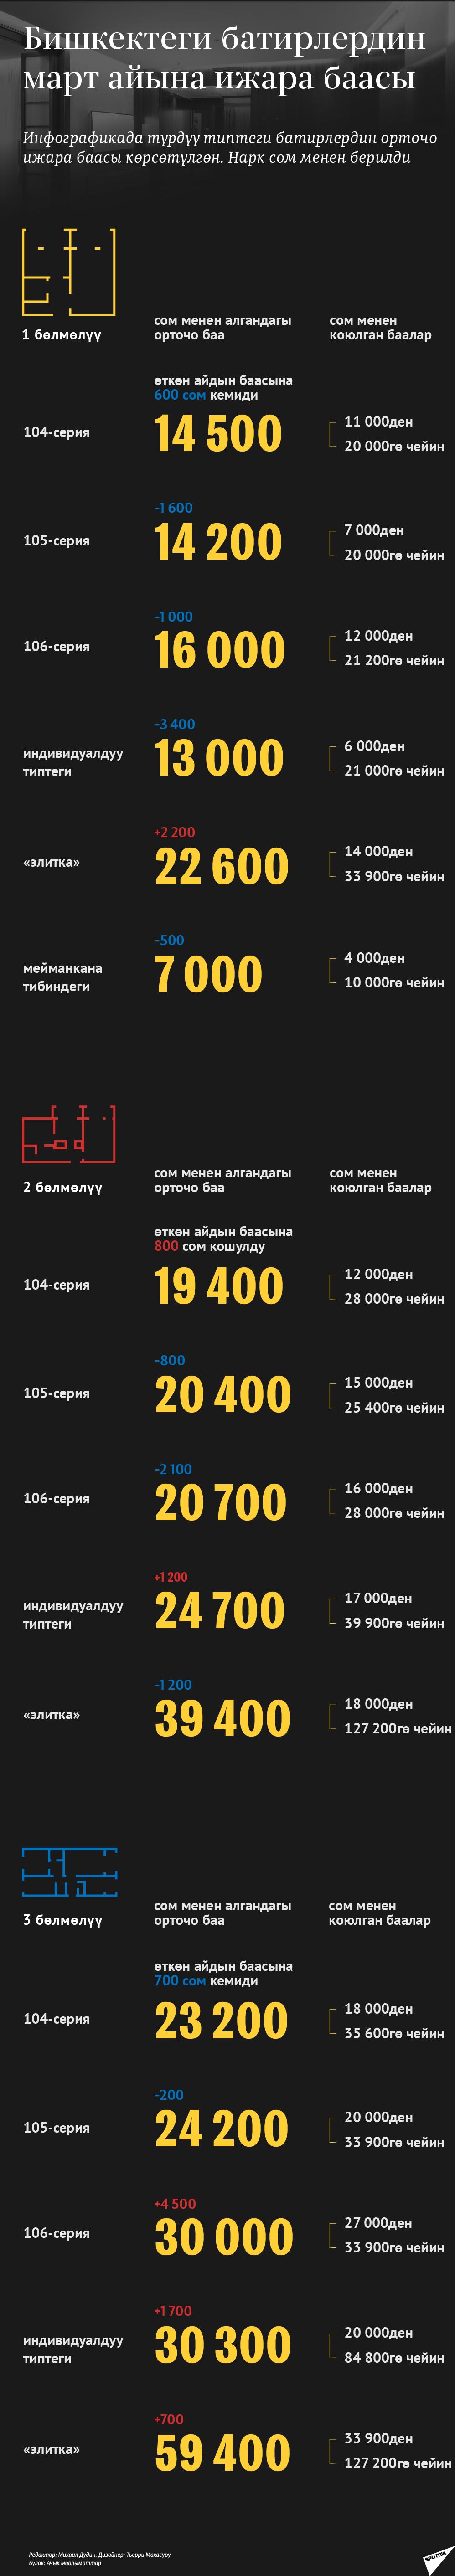 Бишкектеги батирлердин март айына ижара баасы